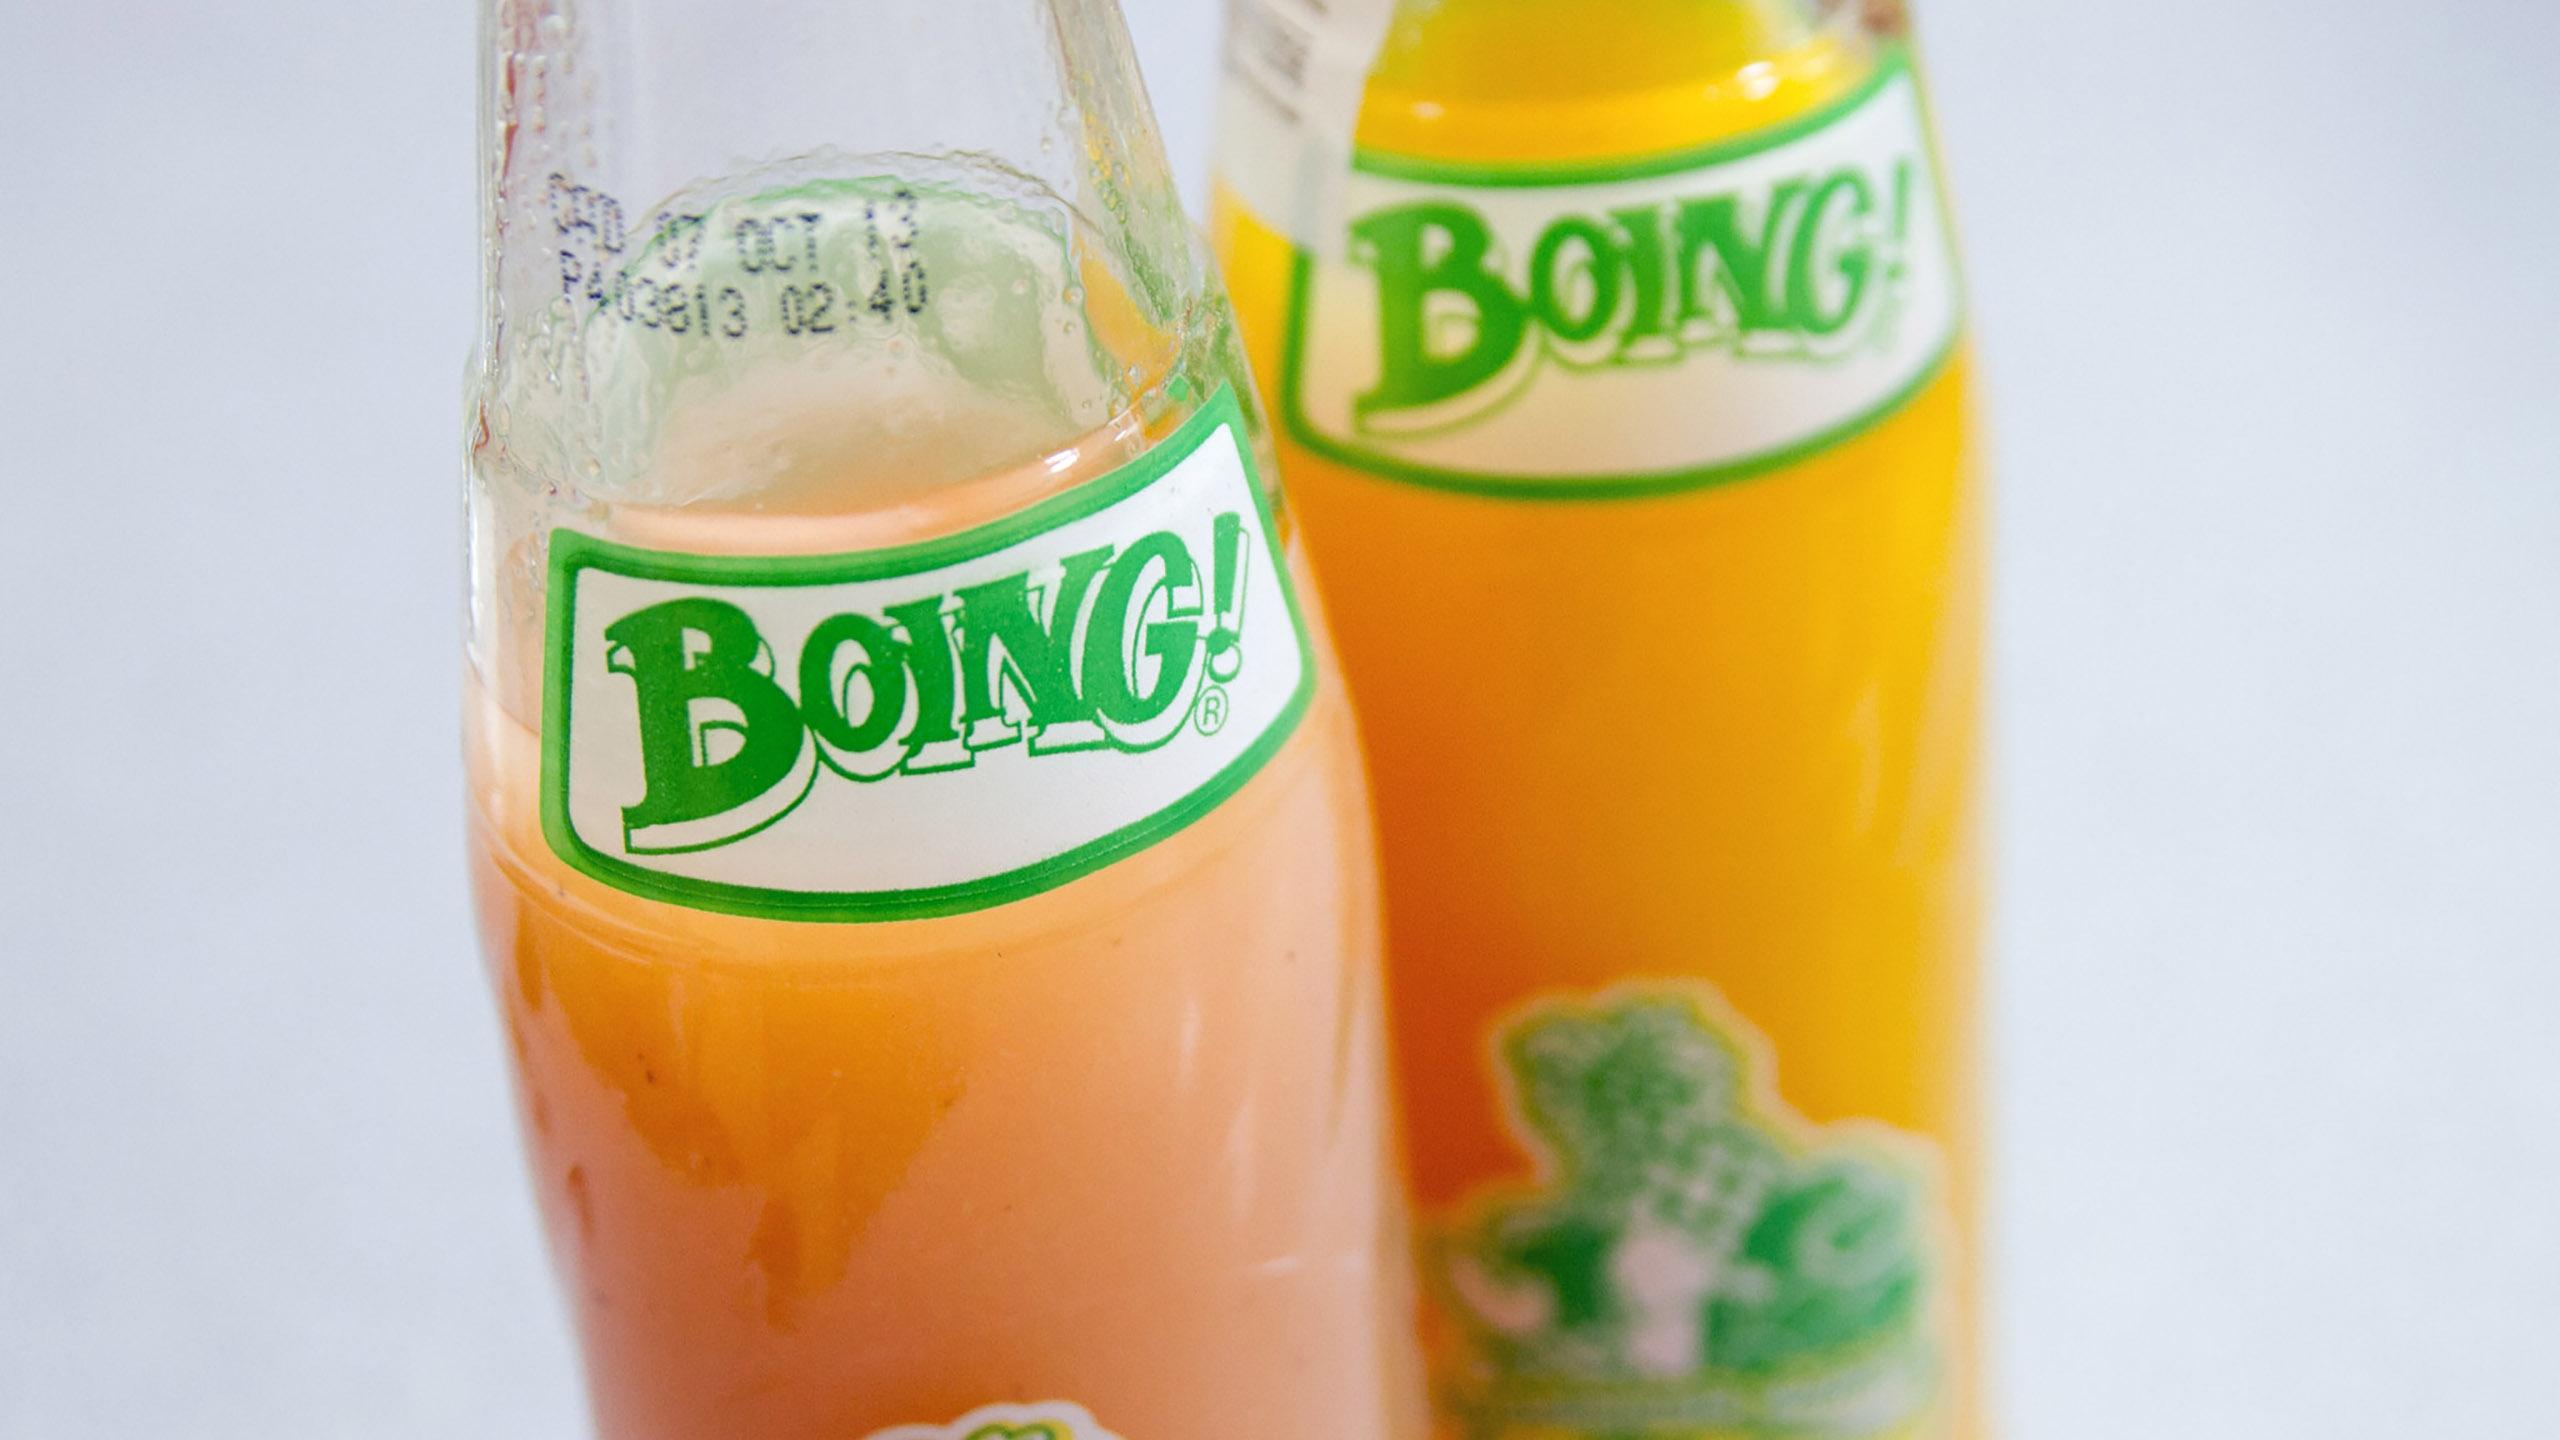 Boing, jugo de fruta, Boing guayaba, Boing mango